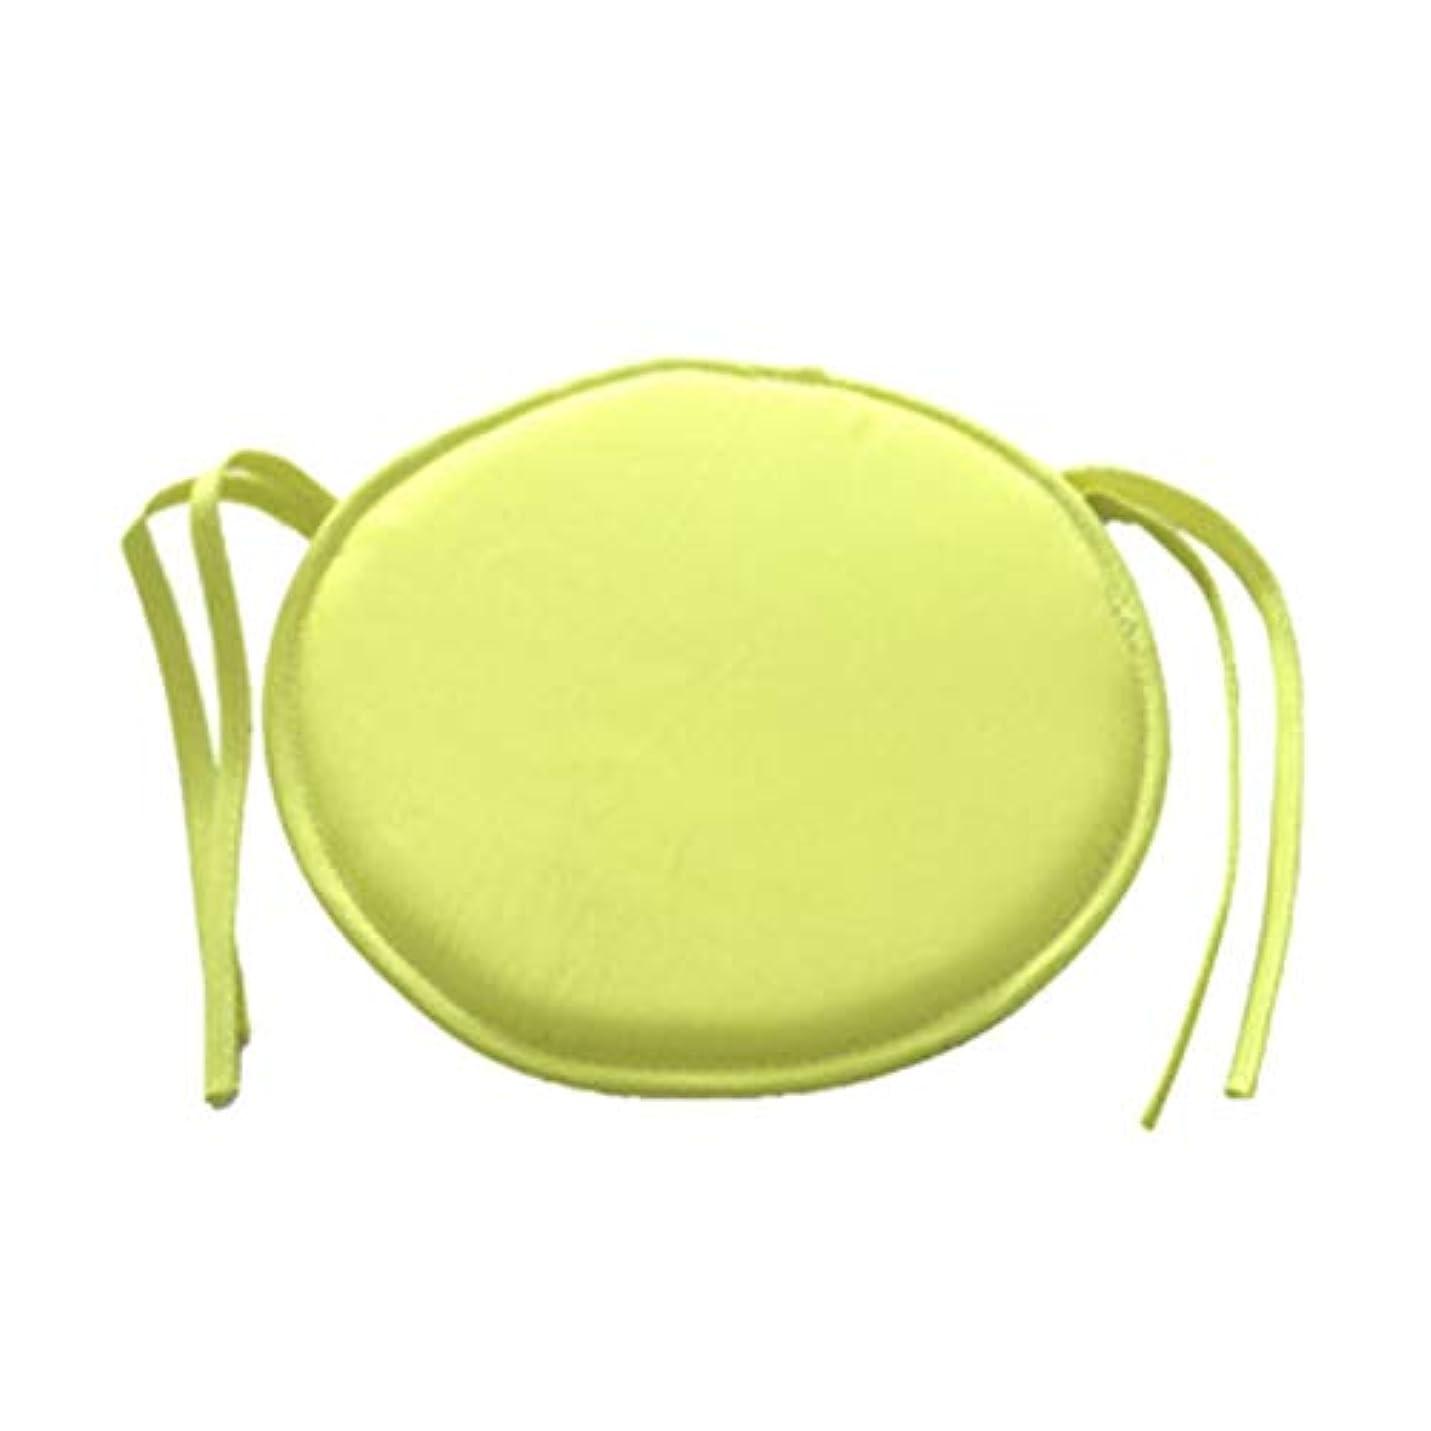 地下鉄ニュースペックLIFE ホット販売ラウンドチェアクッション屋内ポップパティオオフィスチェアシートパッドネクタイスクエアガーデンキッチンダイニングクッション クッション 椅子